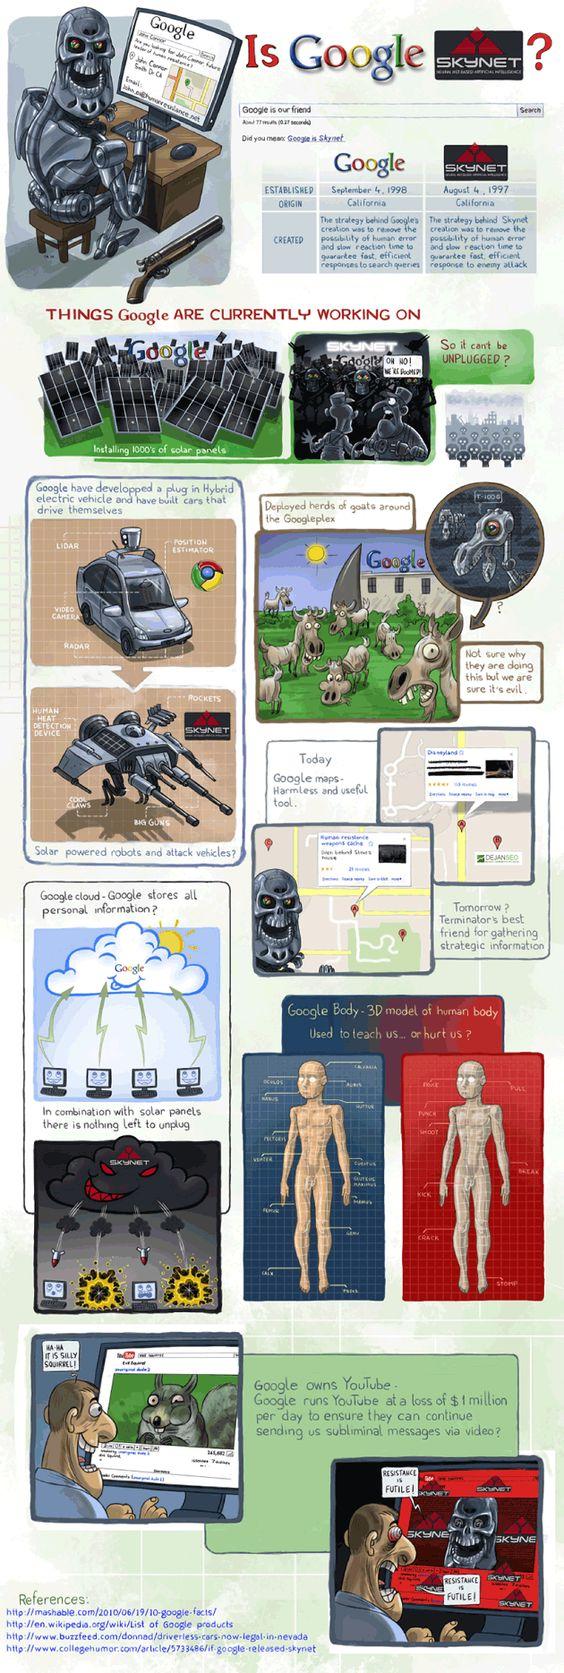 Is Google Skynet?